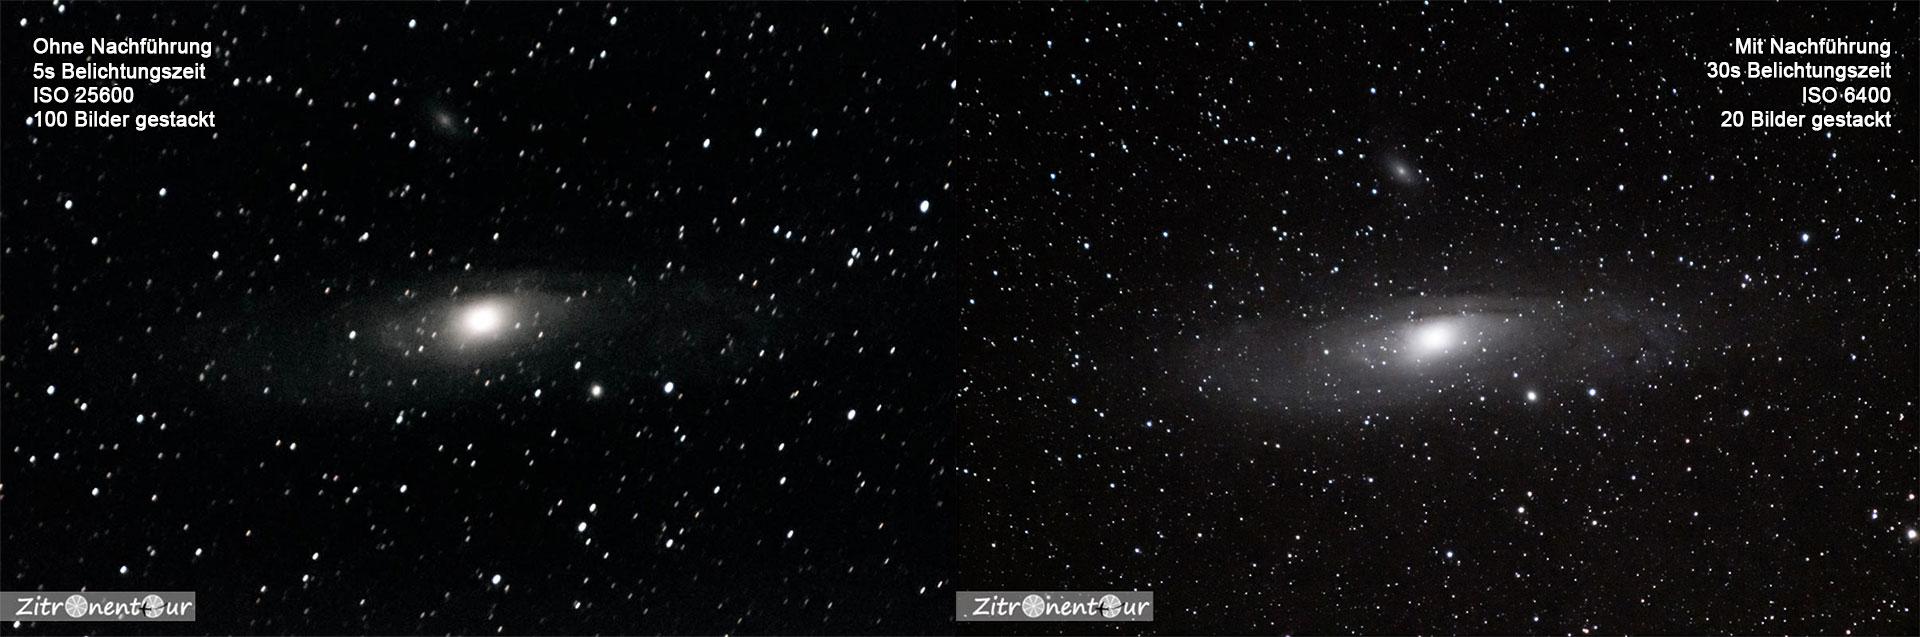 Vergleichsaufnahmen der Andromeda-Galaxie M31 links ohne Nachführung und rechts mit nachgeführter Kamera. Ohne Nachführung sind bereits deutlich Sternspuren zu erkennen.